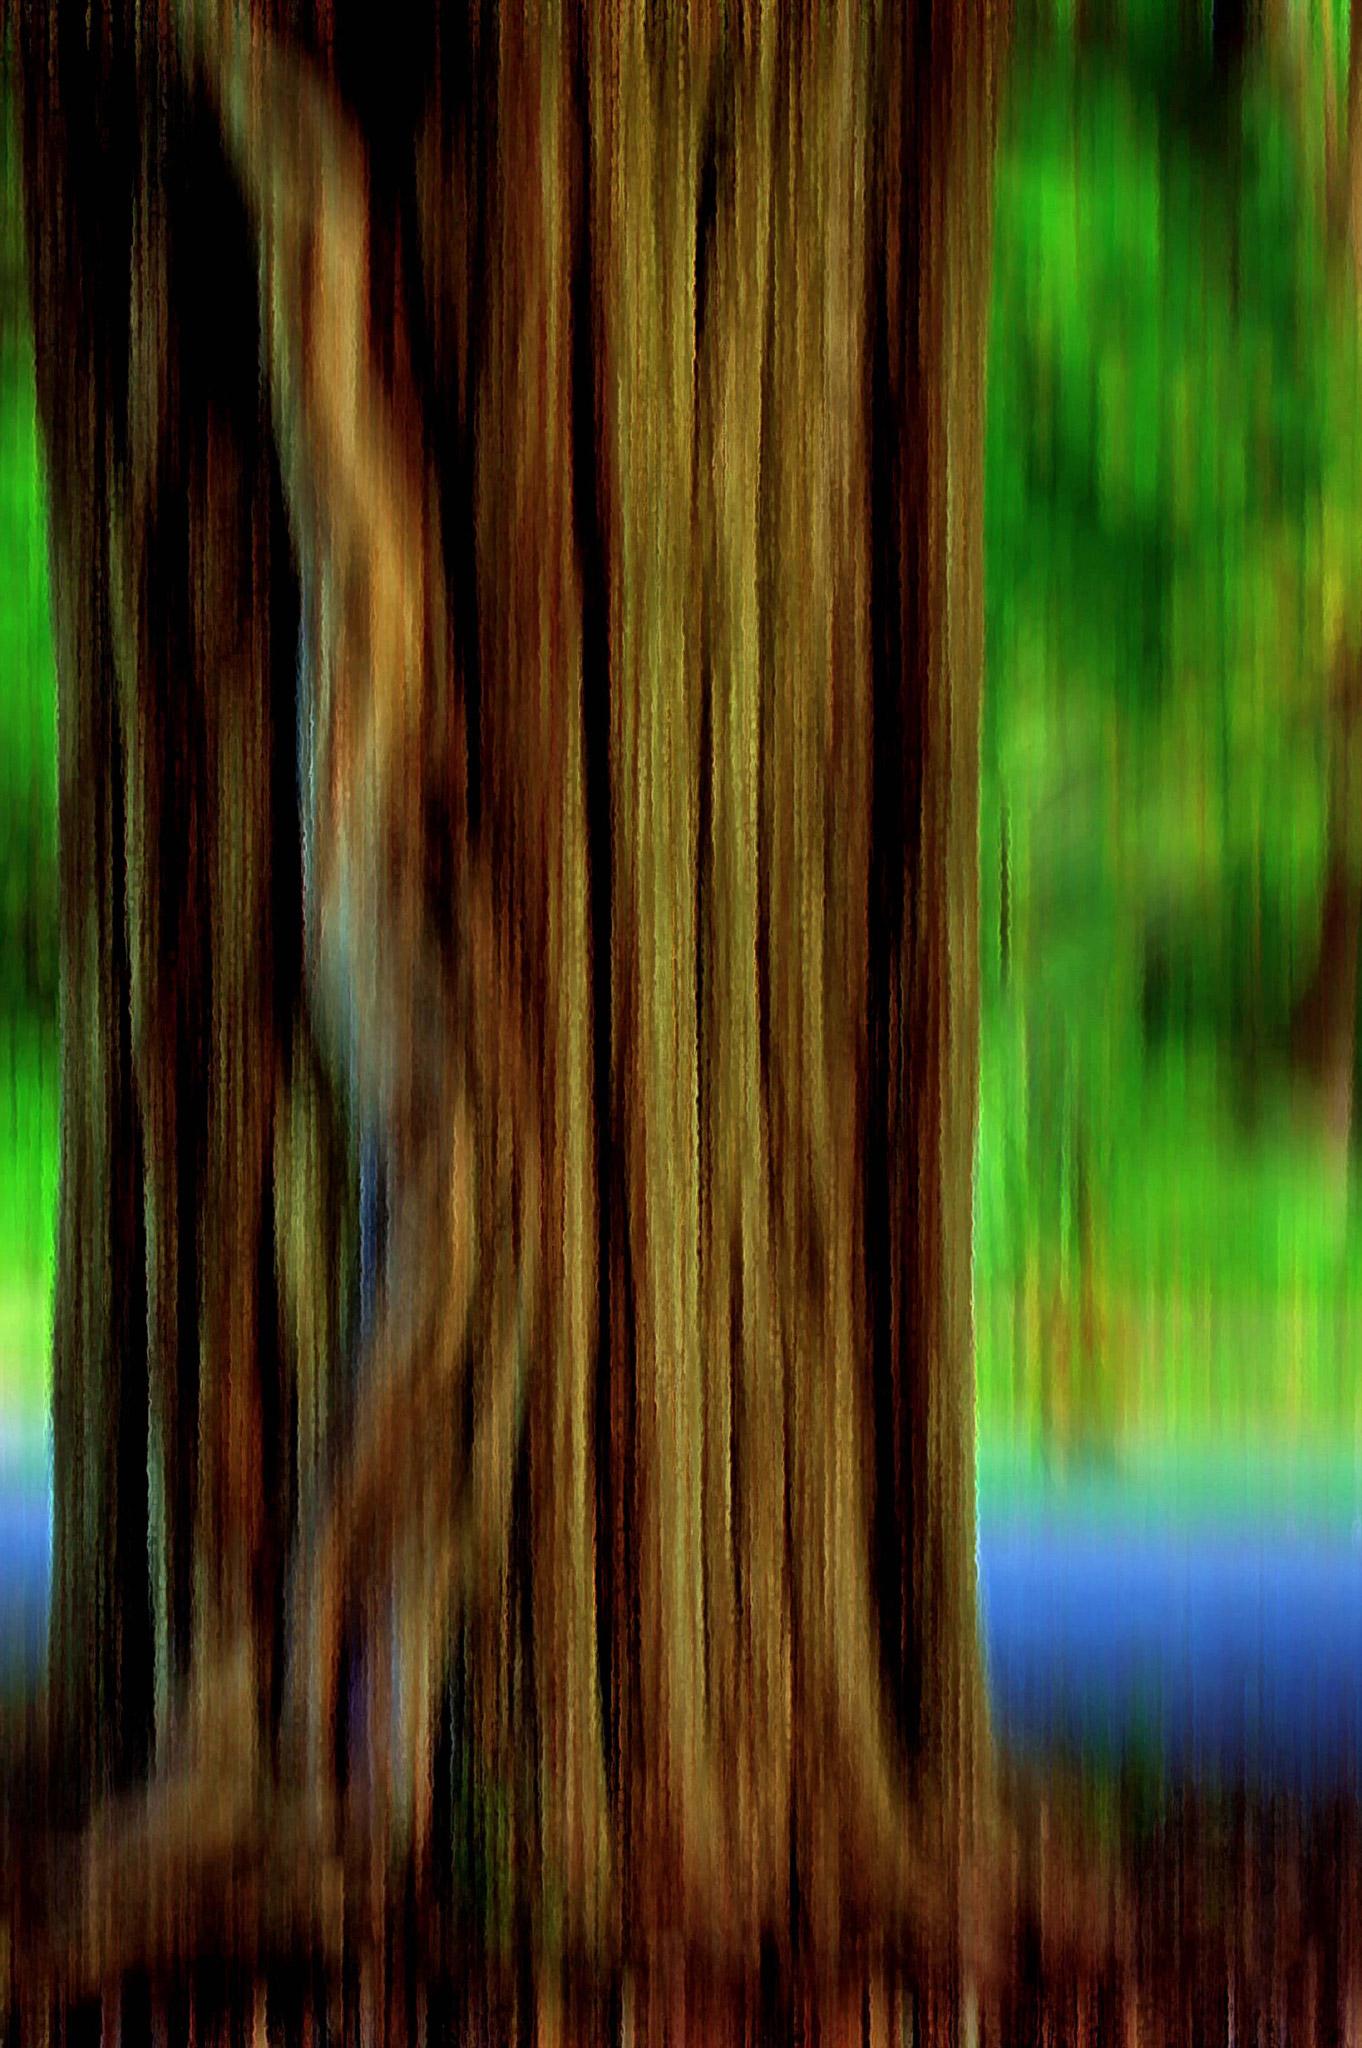 Tree Vining